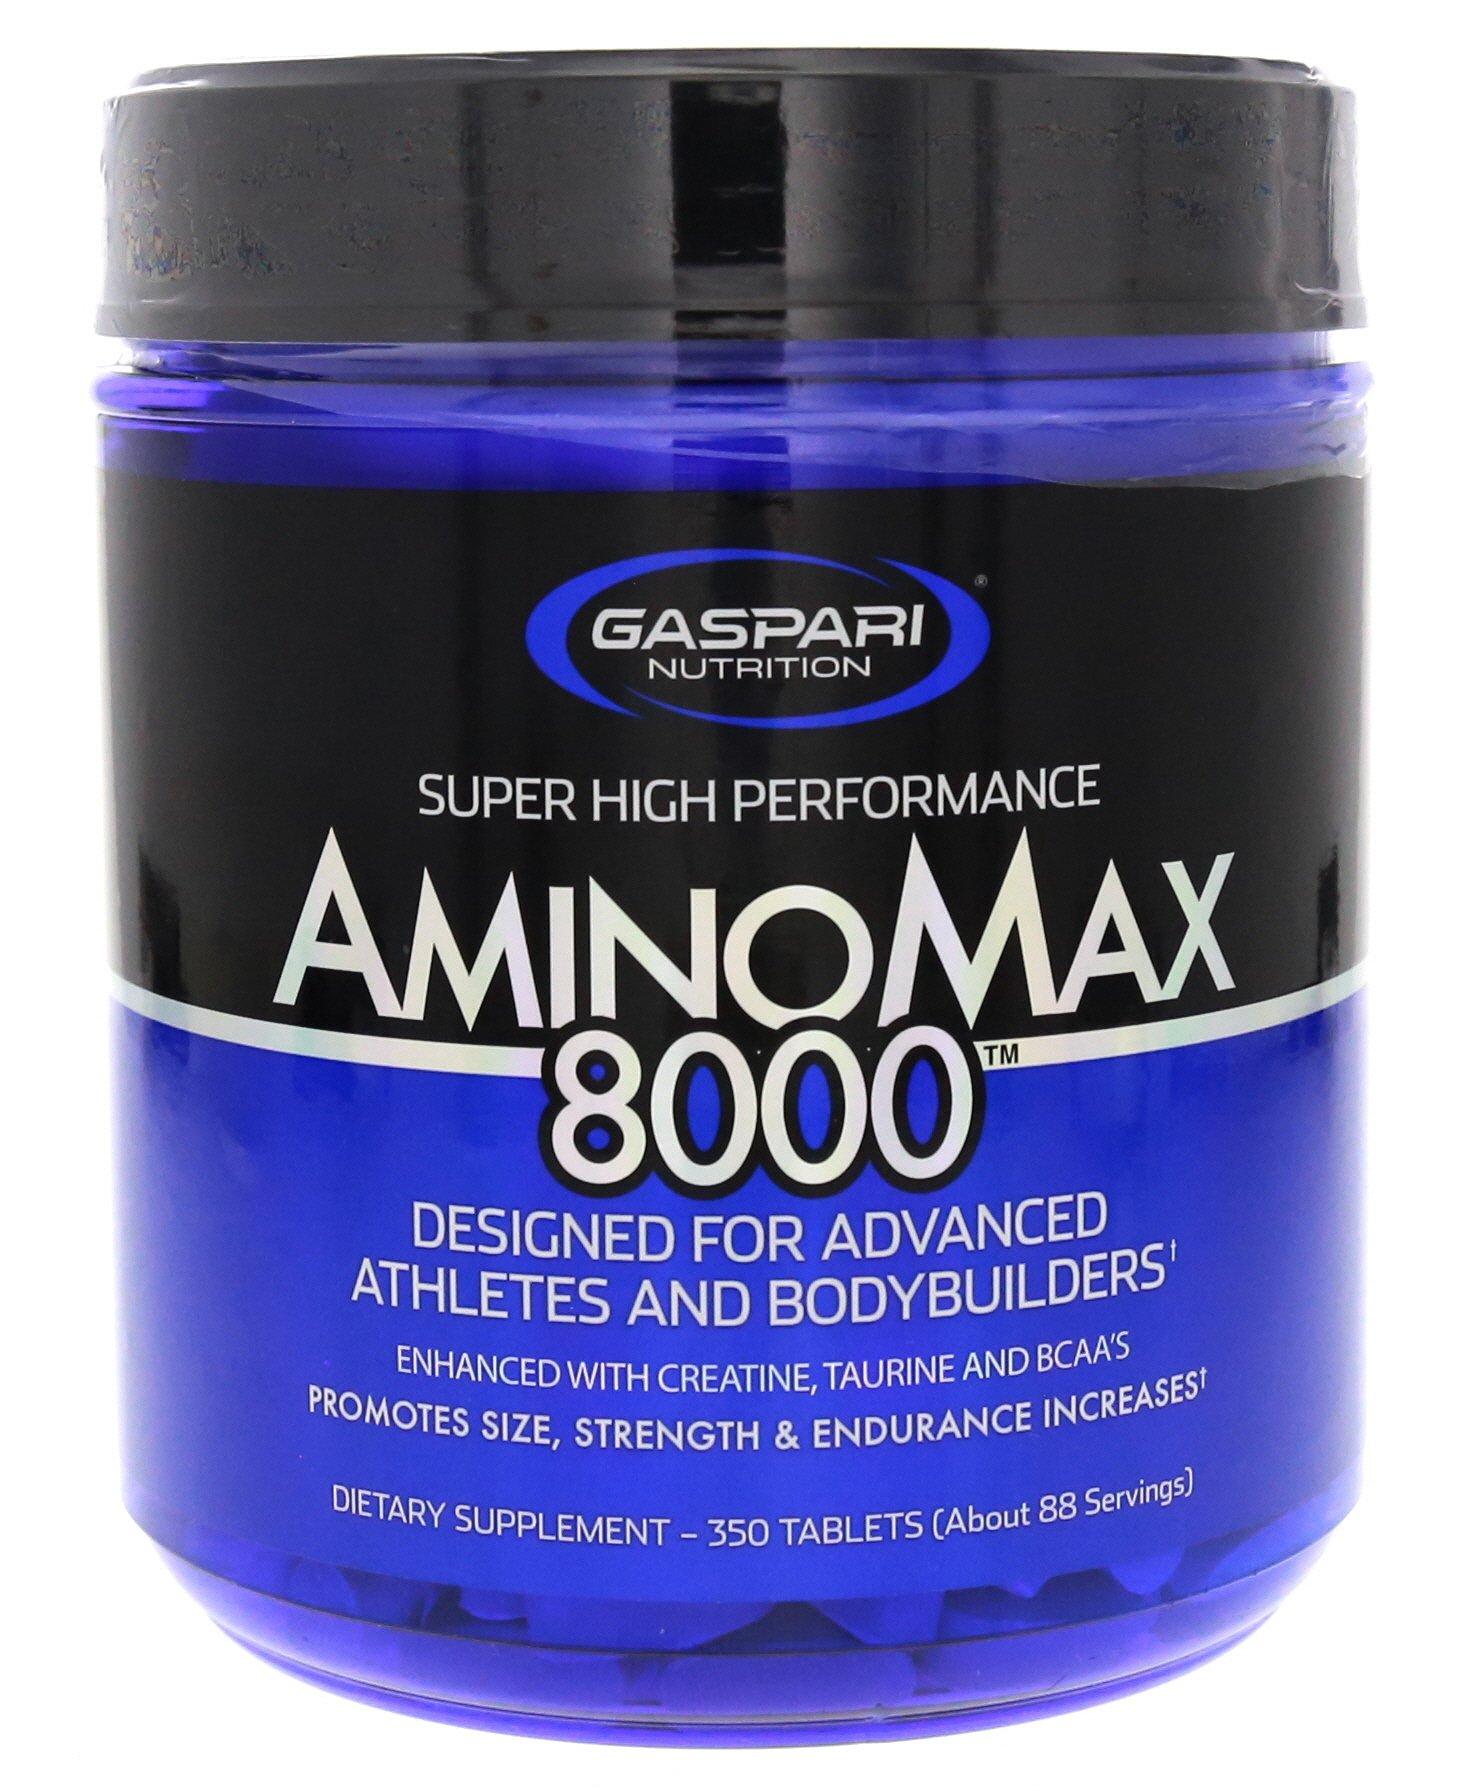 Gaspari Nutrition Amino Max 8000 - 350 Tablets by Gaspari Nutrition